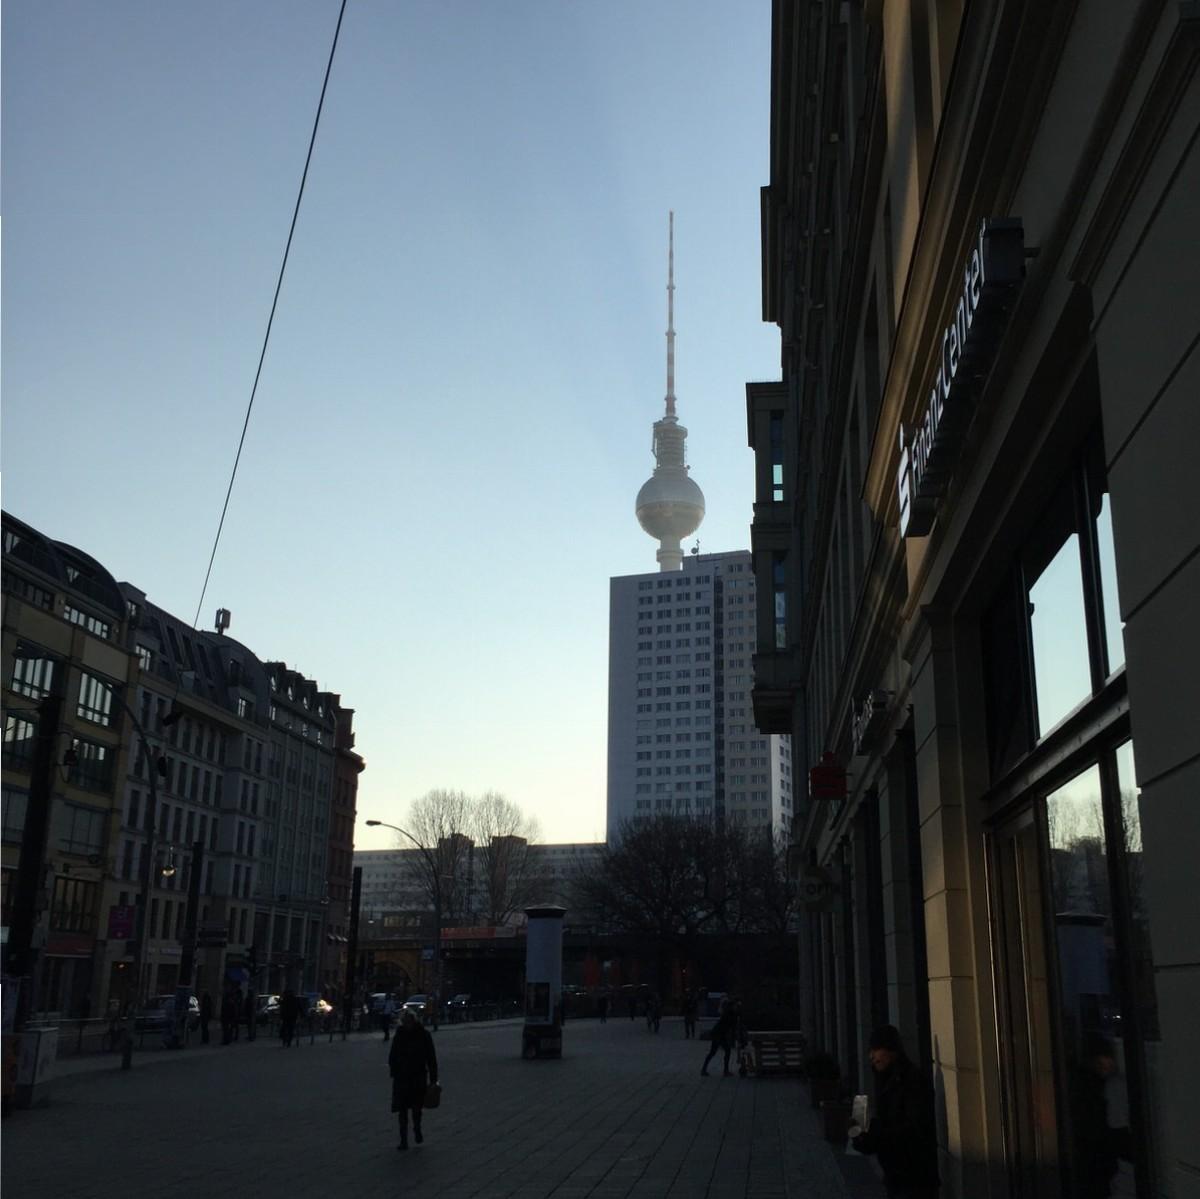 Berlin, Hackrescher Markt, Fernsehturm, Alexanderplatz